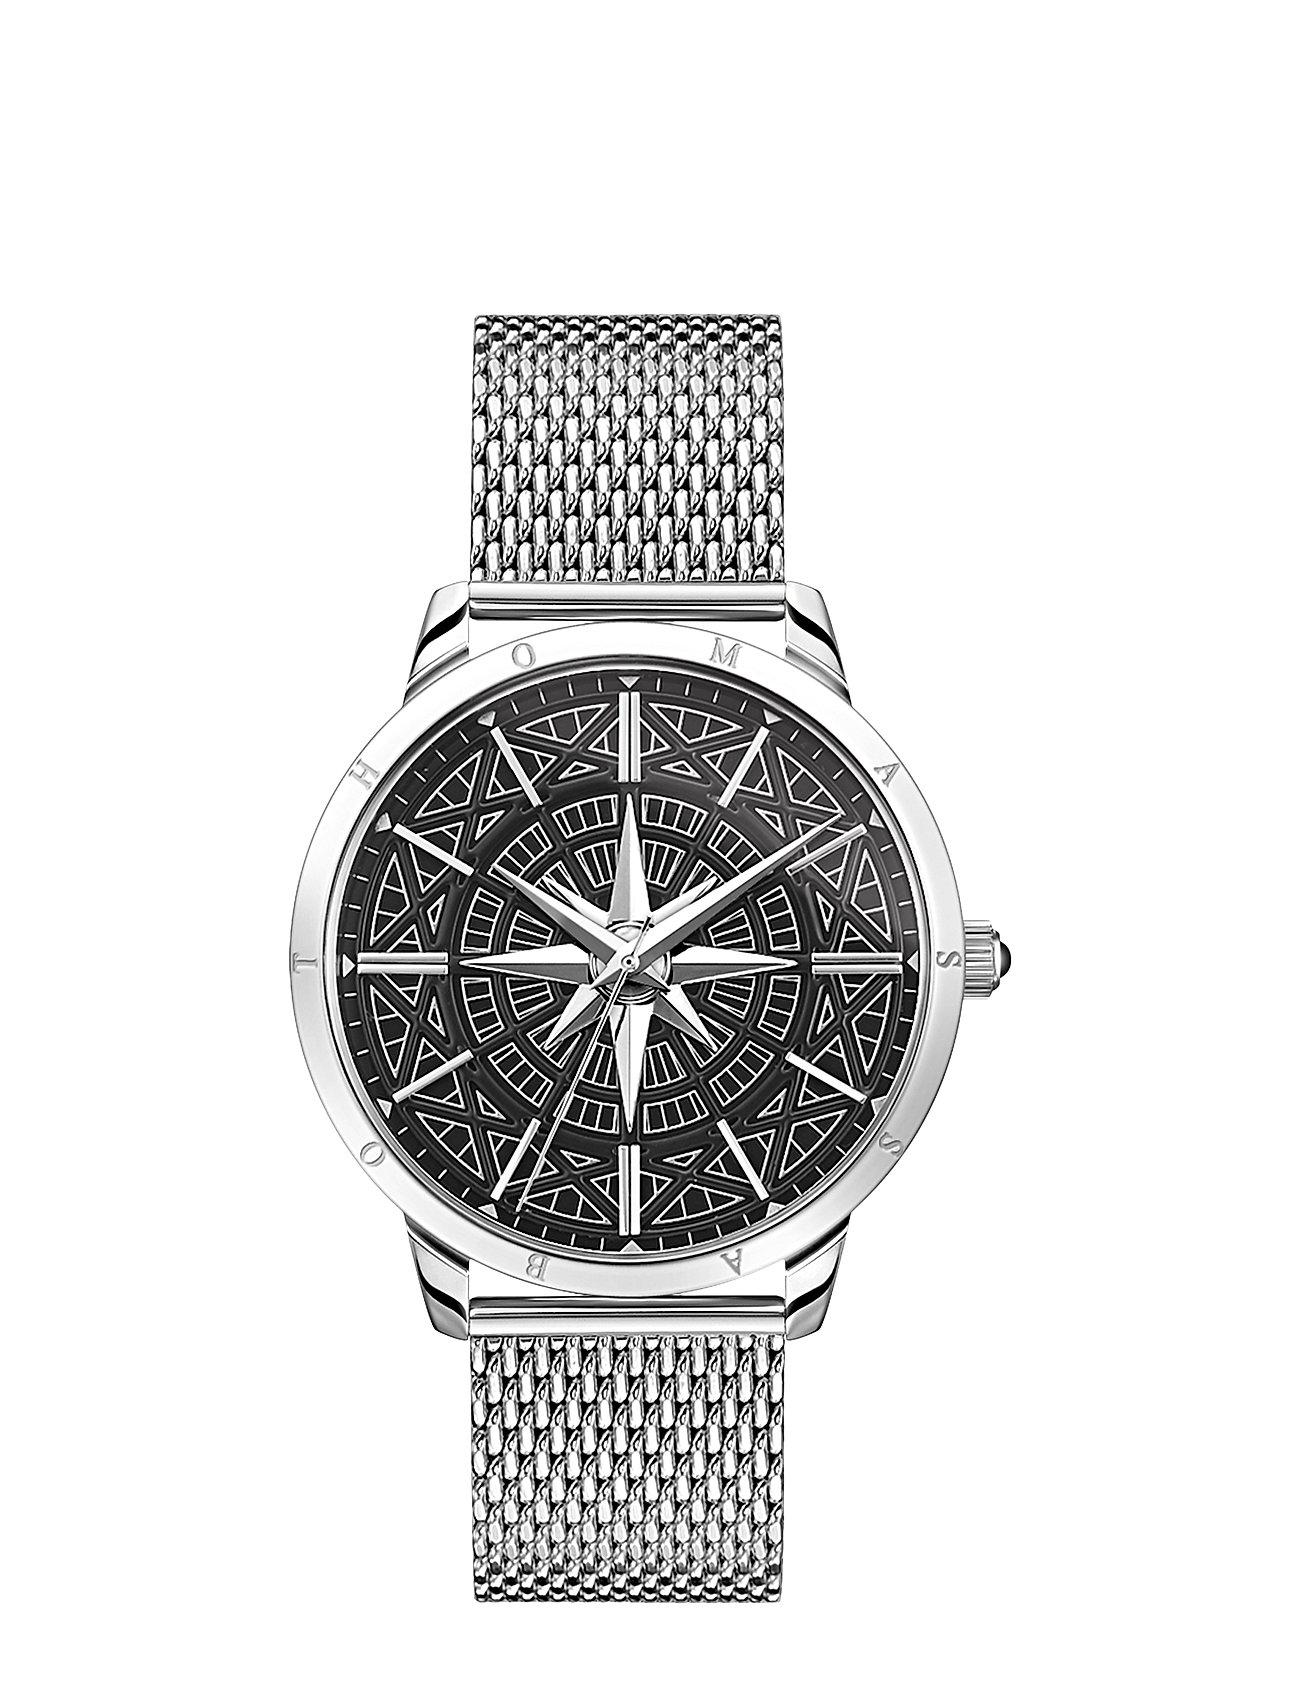 Thomas Sabo Watch Rebel Spirit Compass Klokke Sølv Thomas Sabo